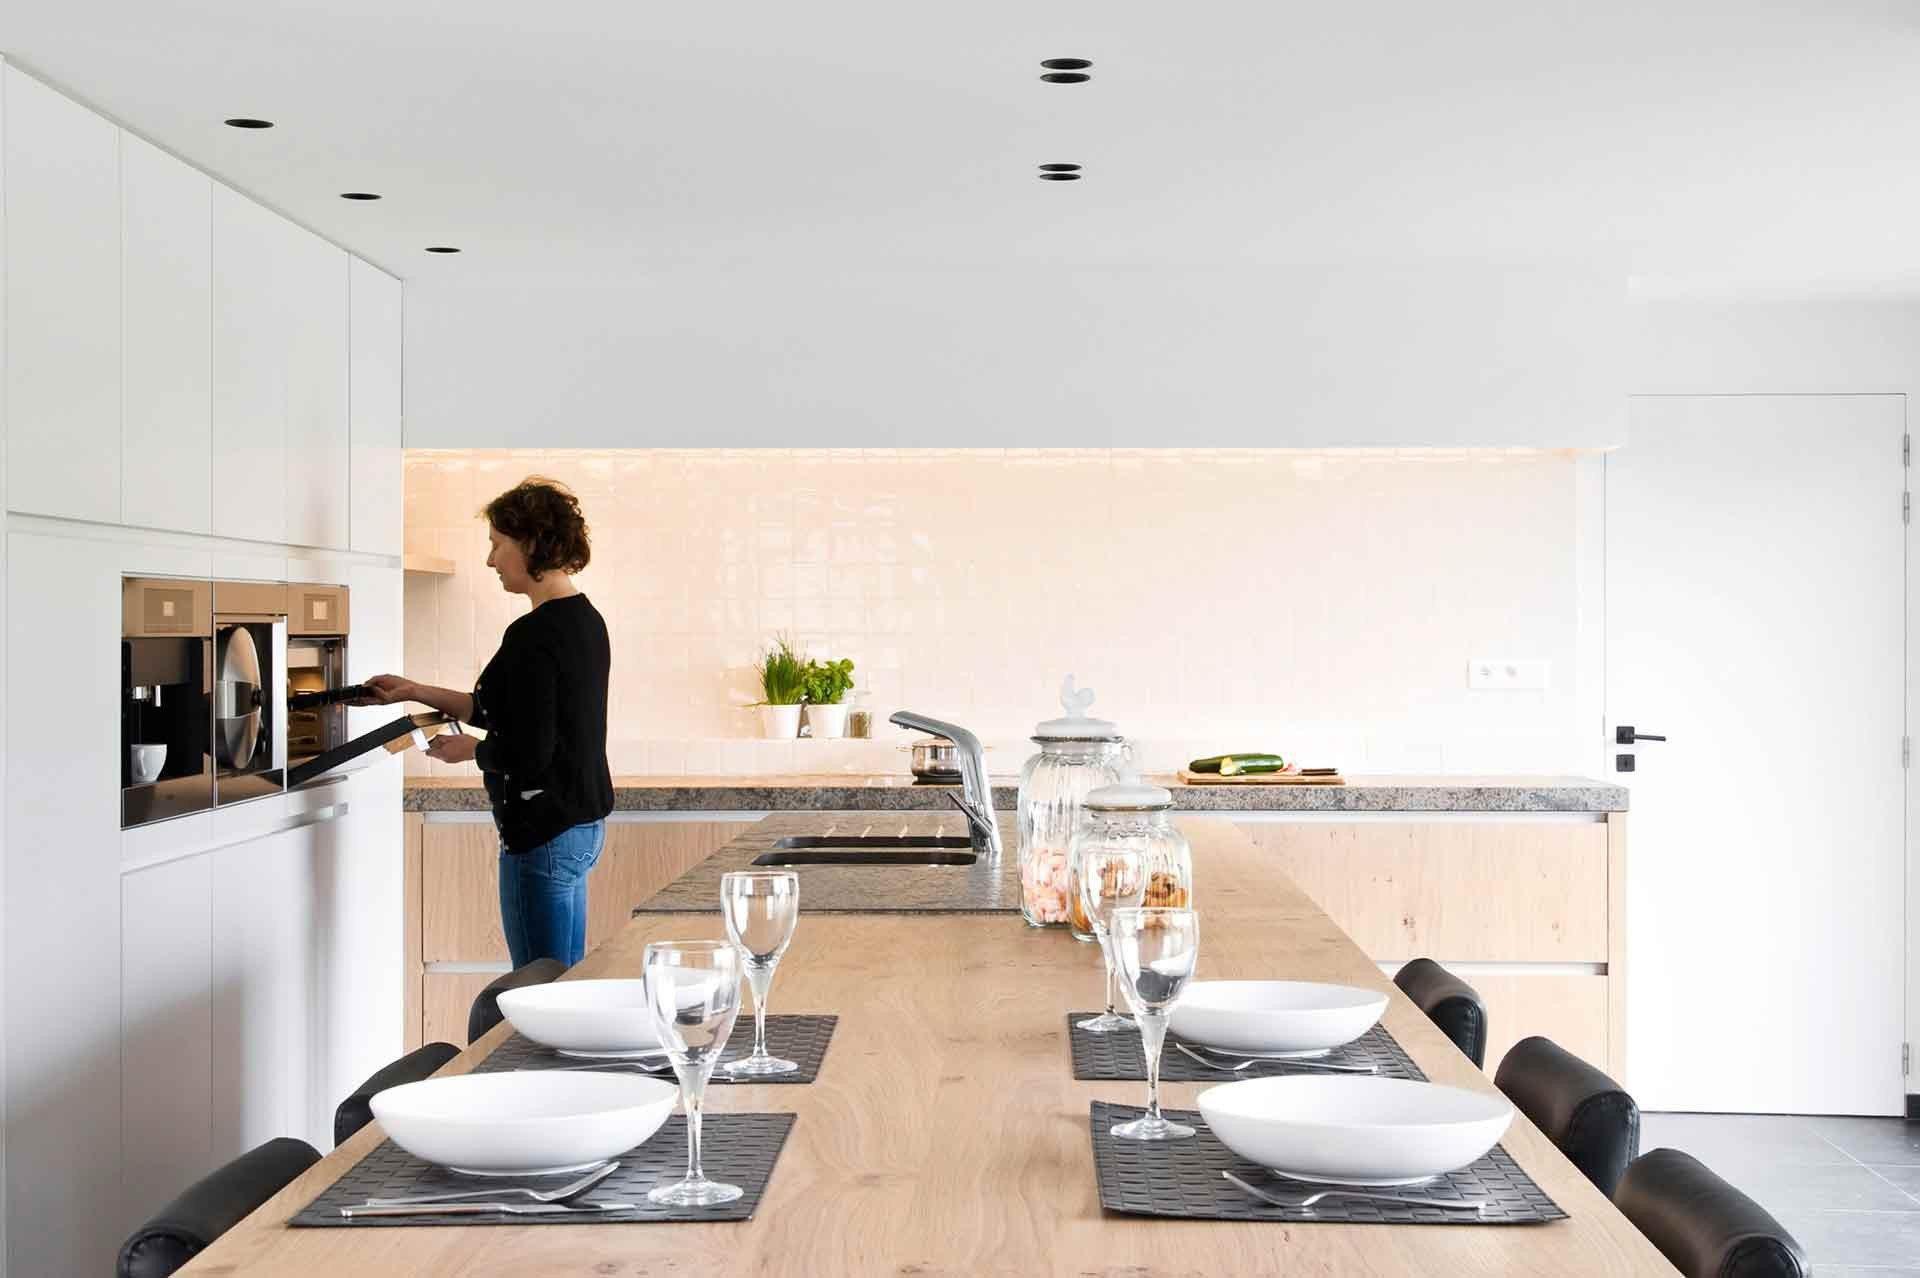 Totaalrichting-keuken-bureau-tvmeubel-MariaAalter-1.jpg